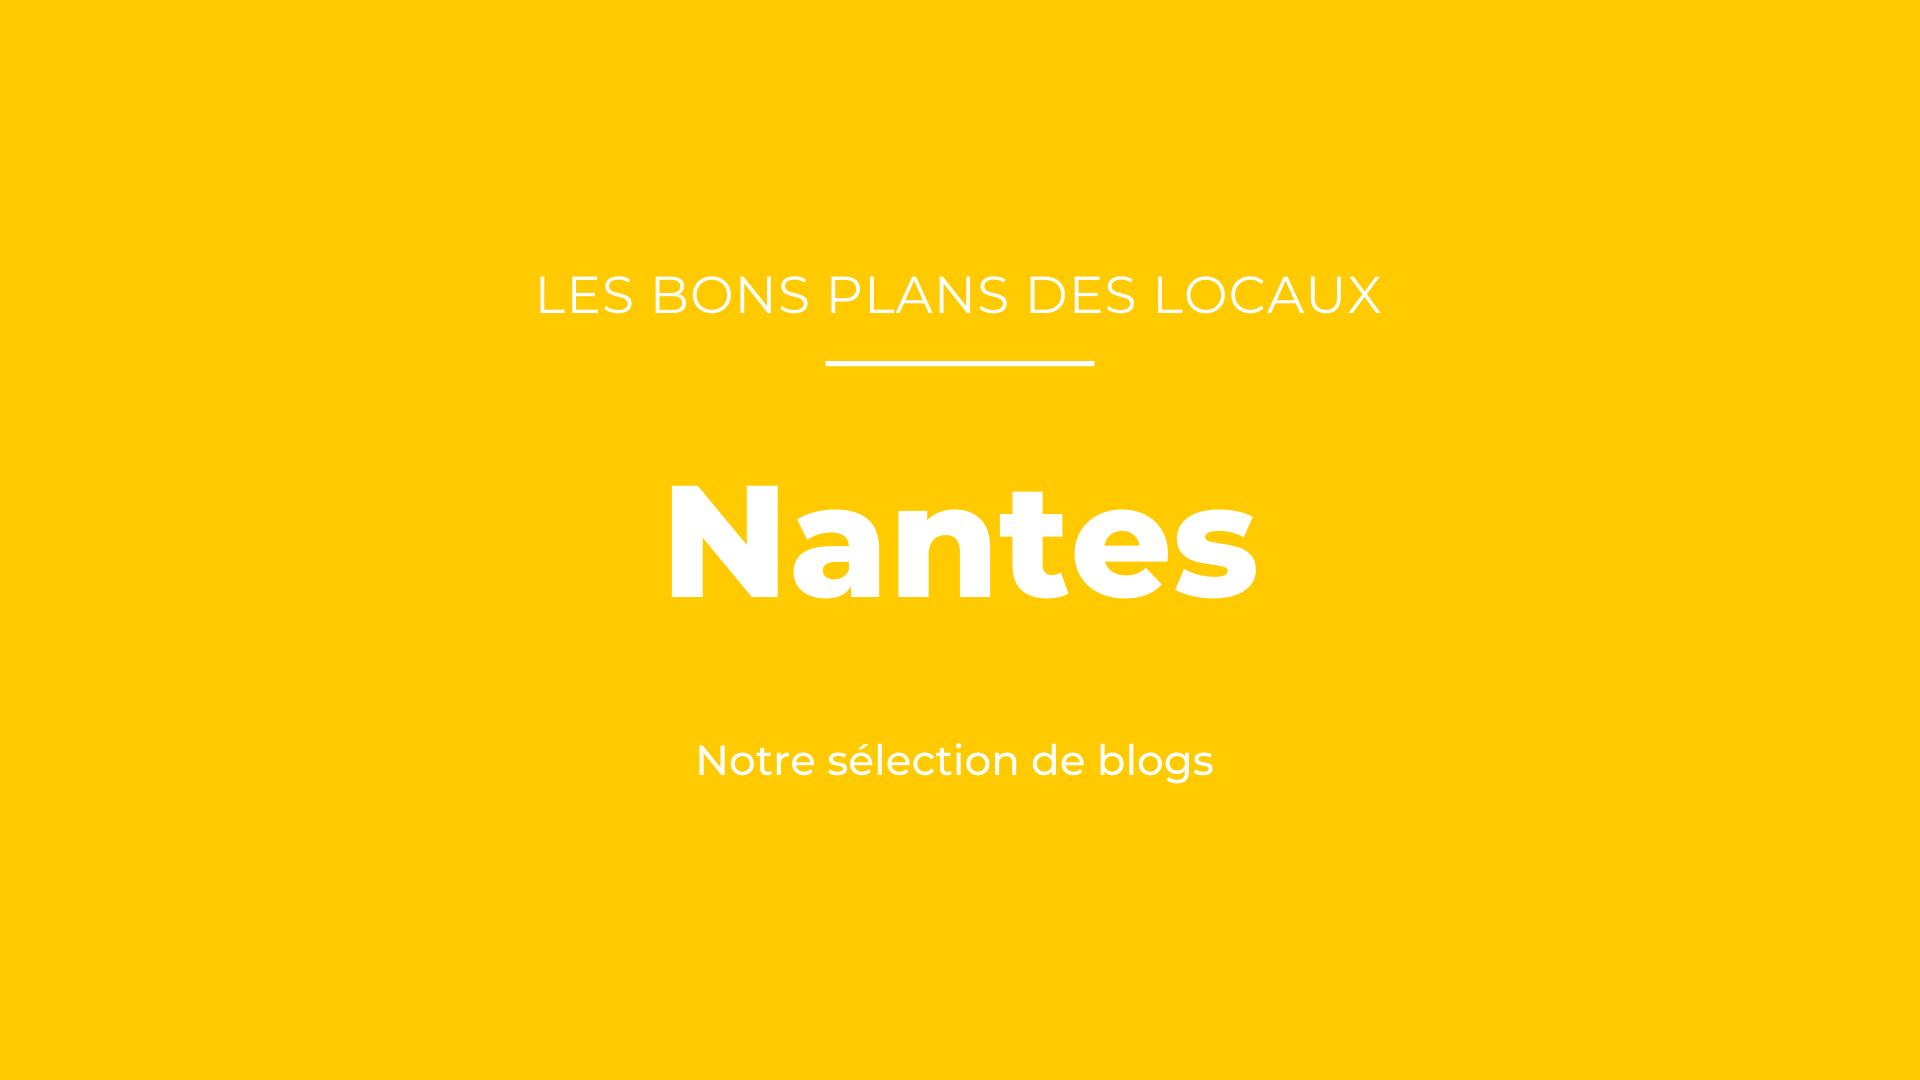 notre sélection de blogs à Nantes